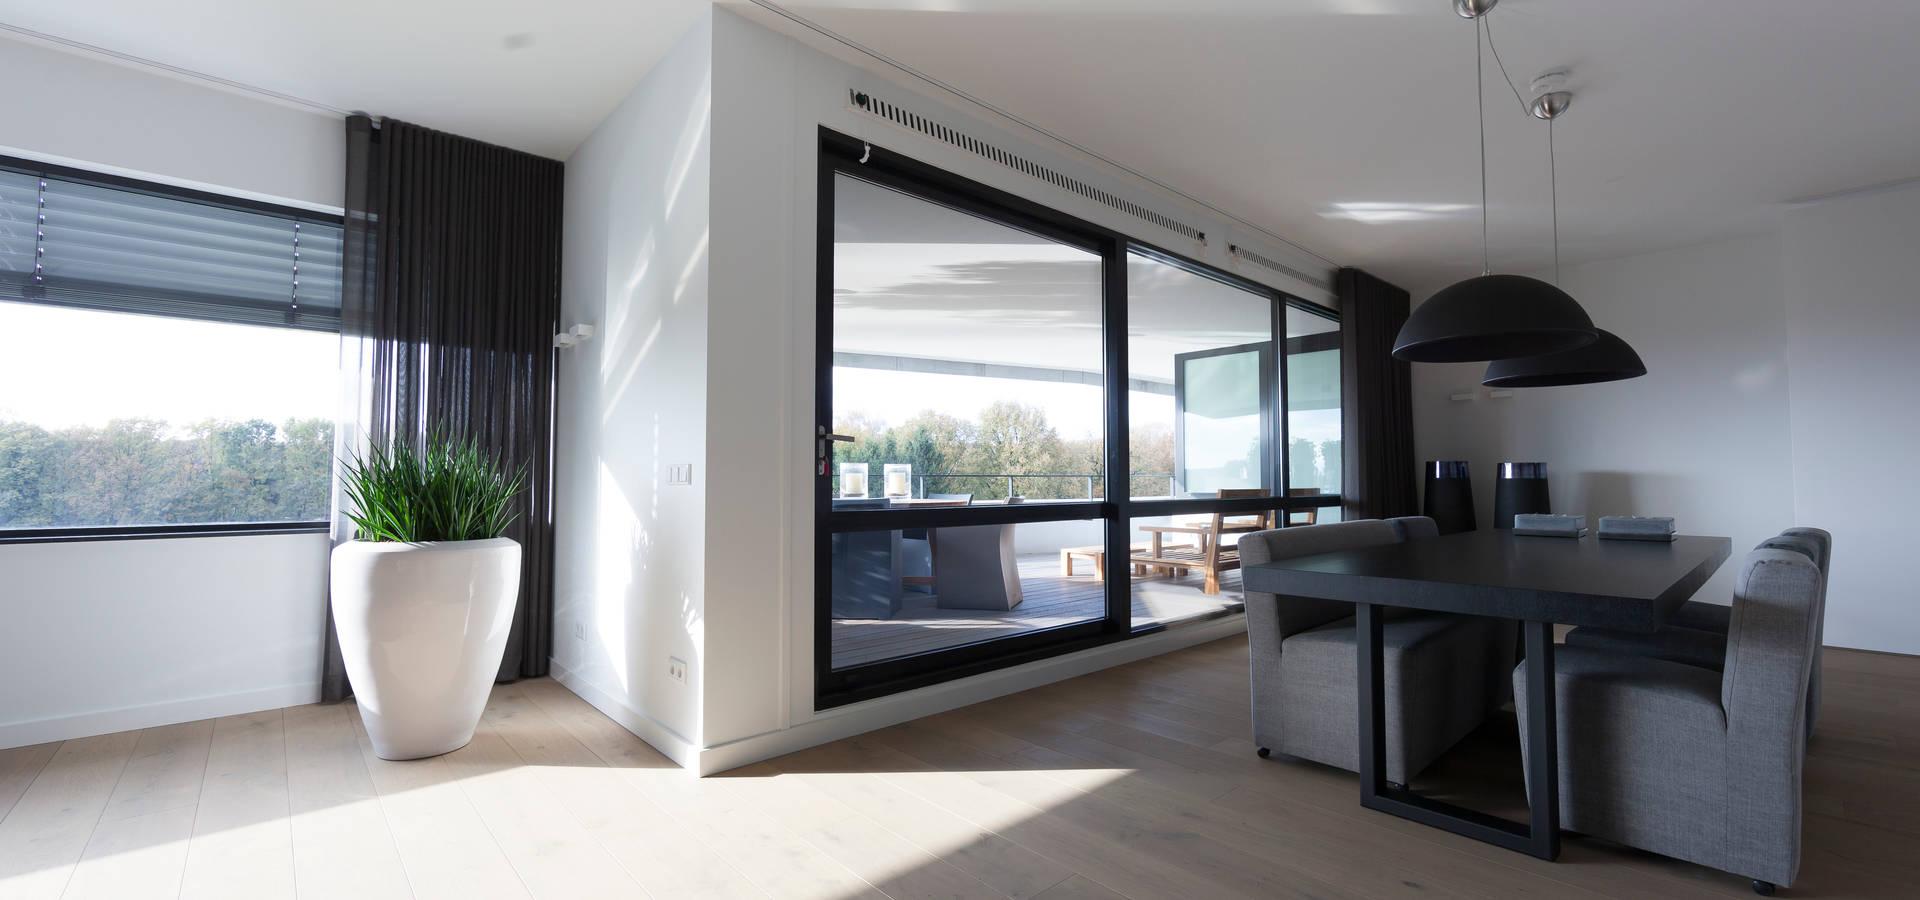 interieurvormgeving inez burvenich interieurontwerpers in